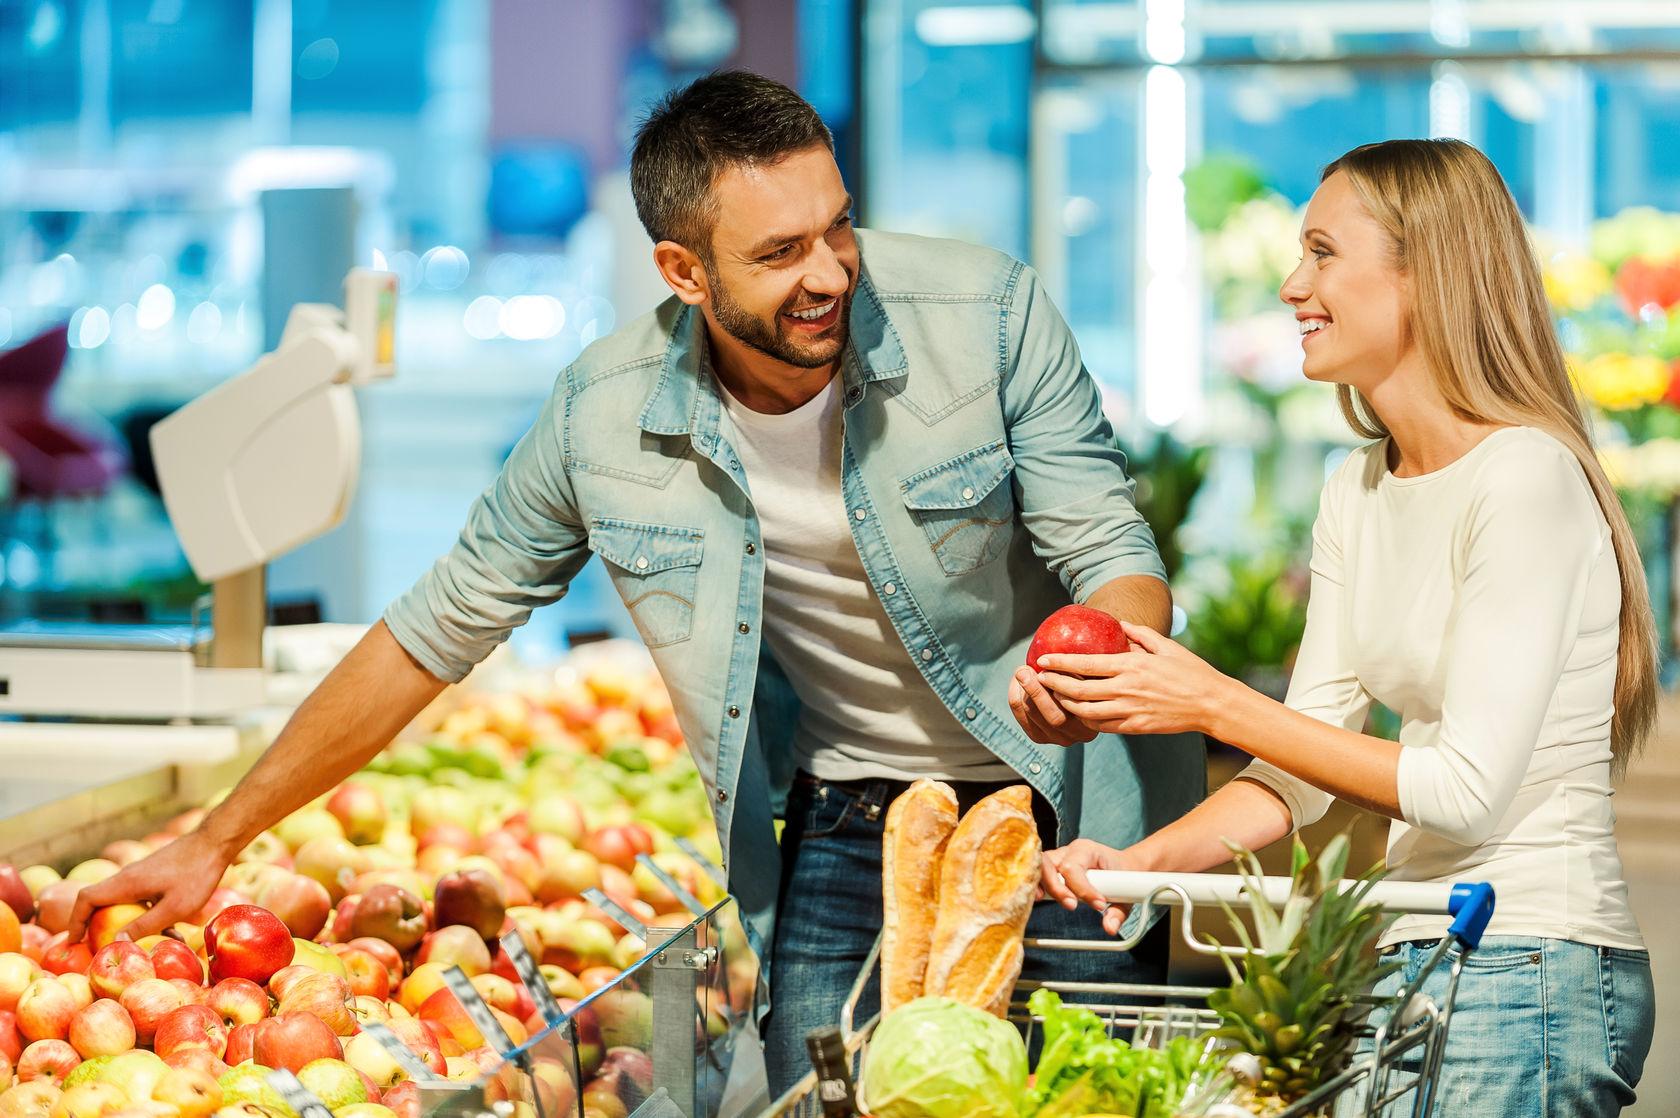 Los 5 alimentos que no deben faltar cuando hace mercado